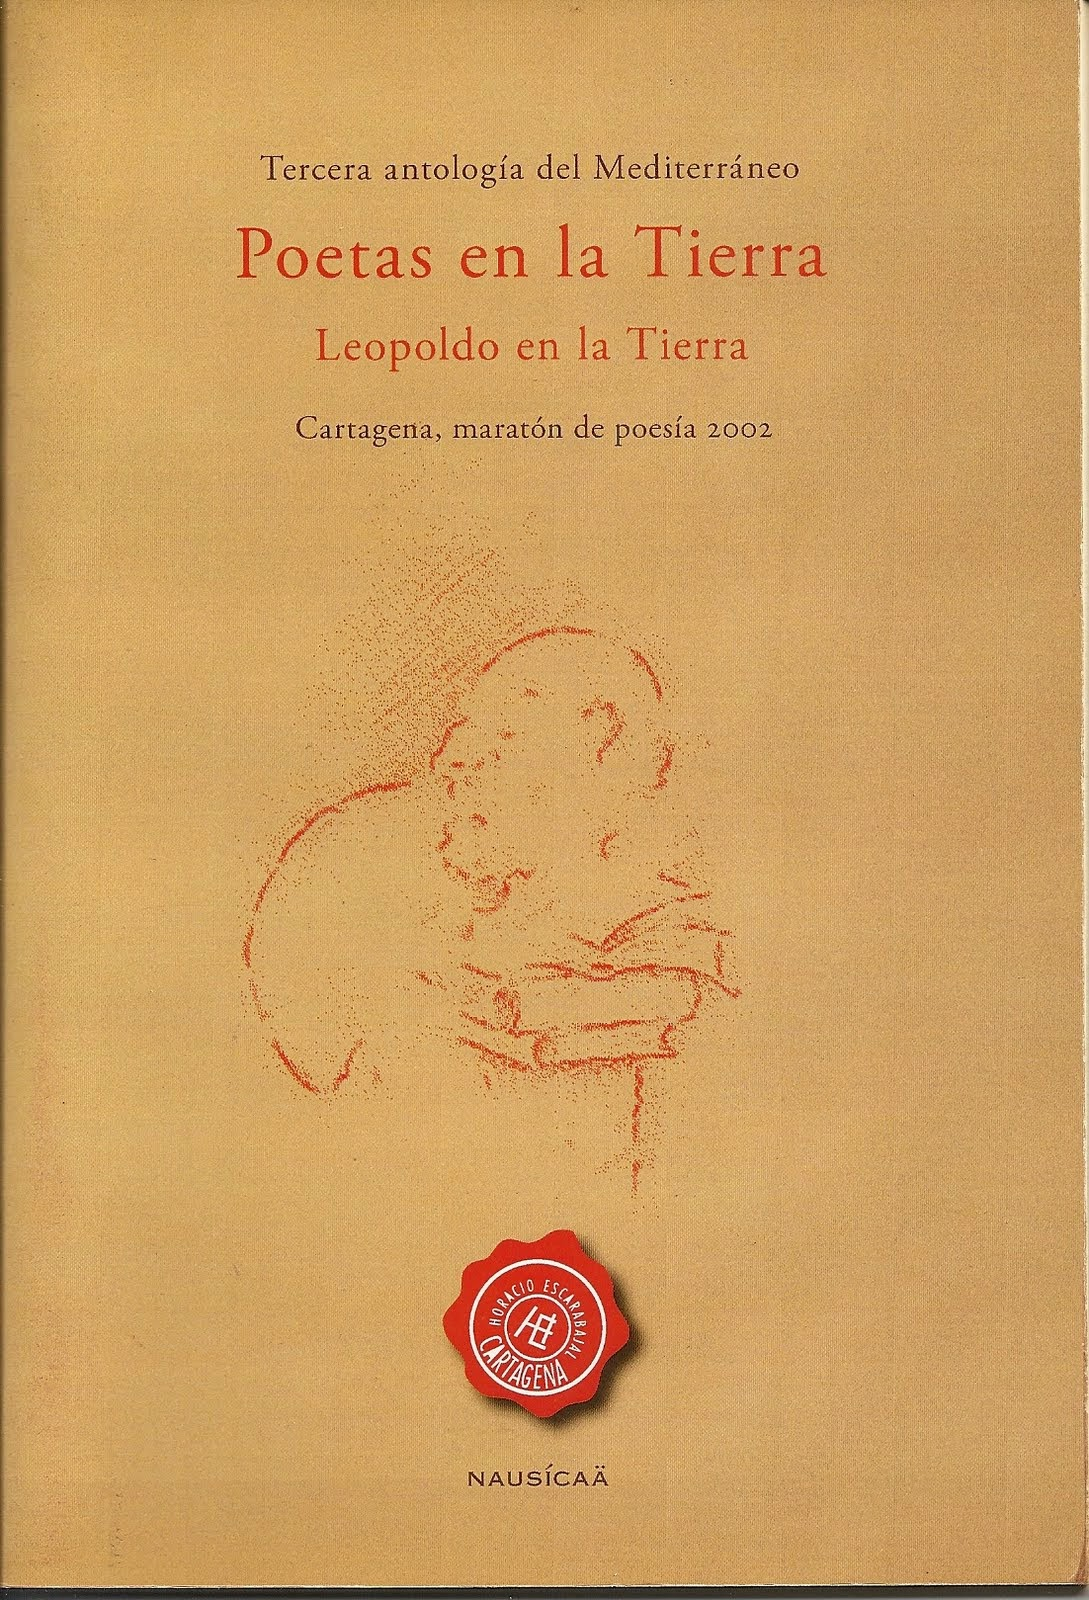 Poetas en la Tierra. Tercera antología del Mediterráneo